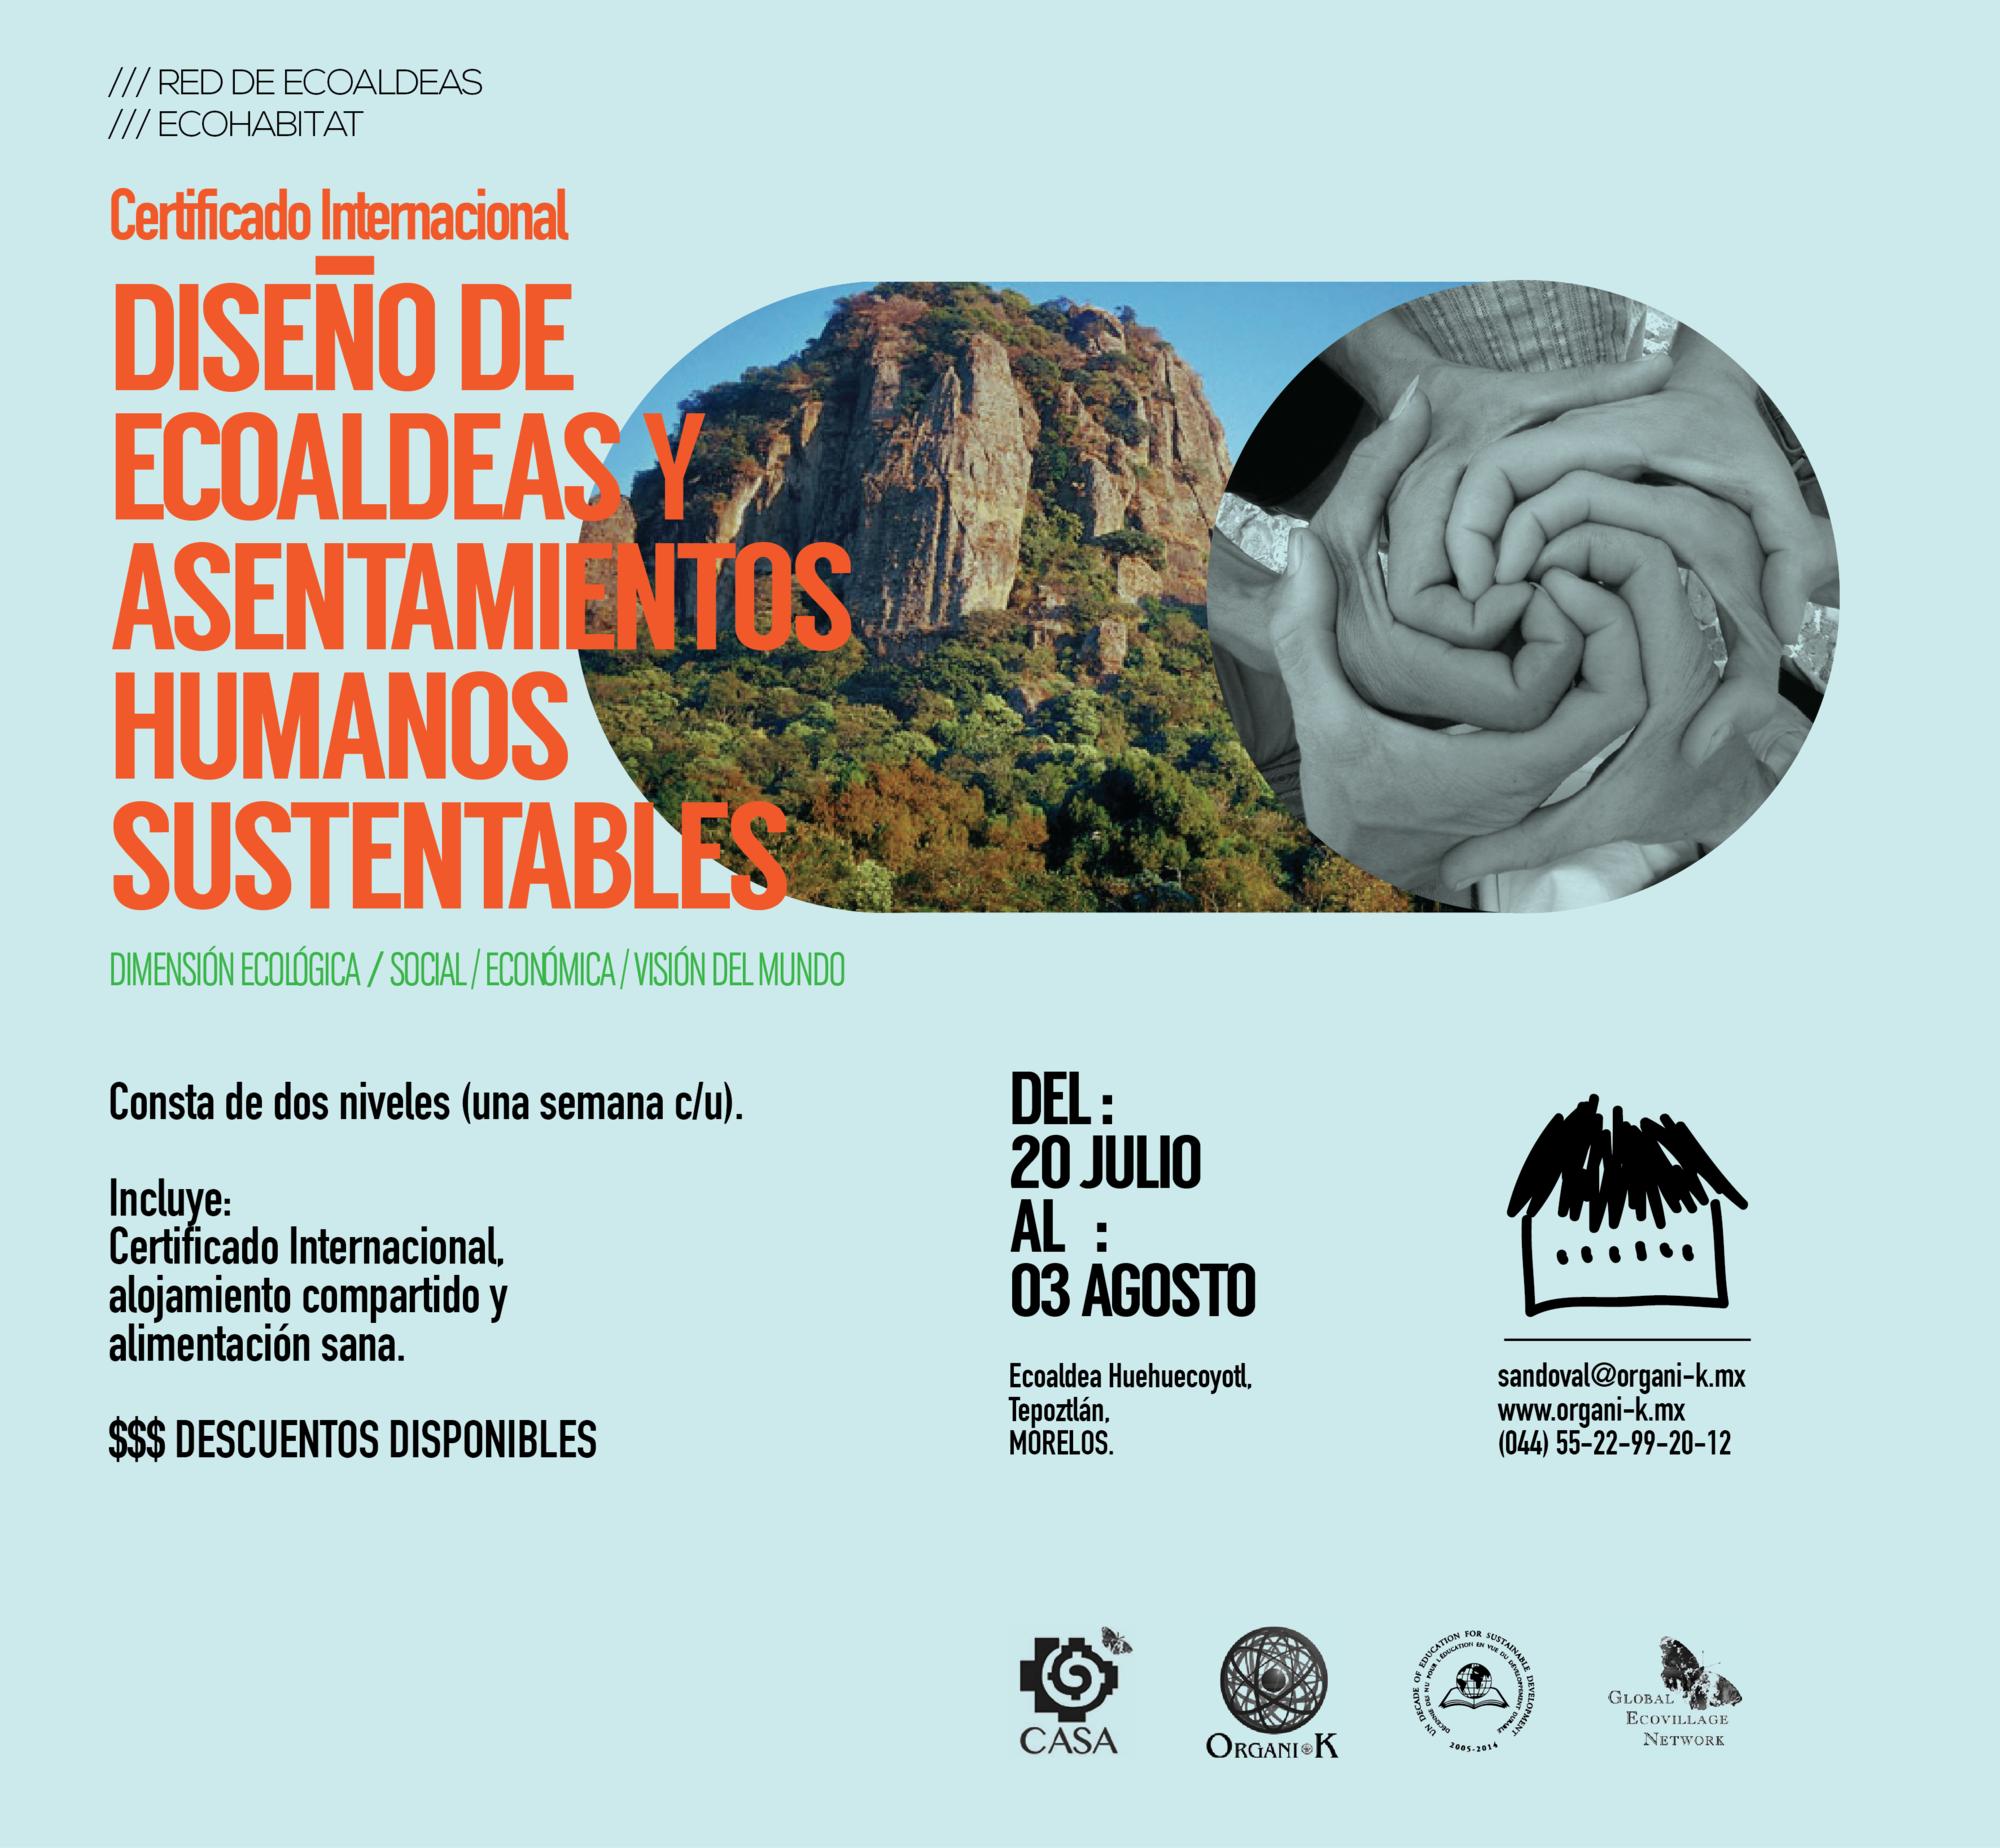 Certificación Internacional en Diseño de Ecoaldeas y Asentamientos Humanos Sustentables